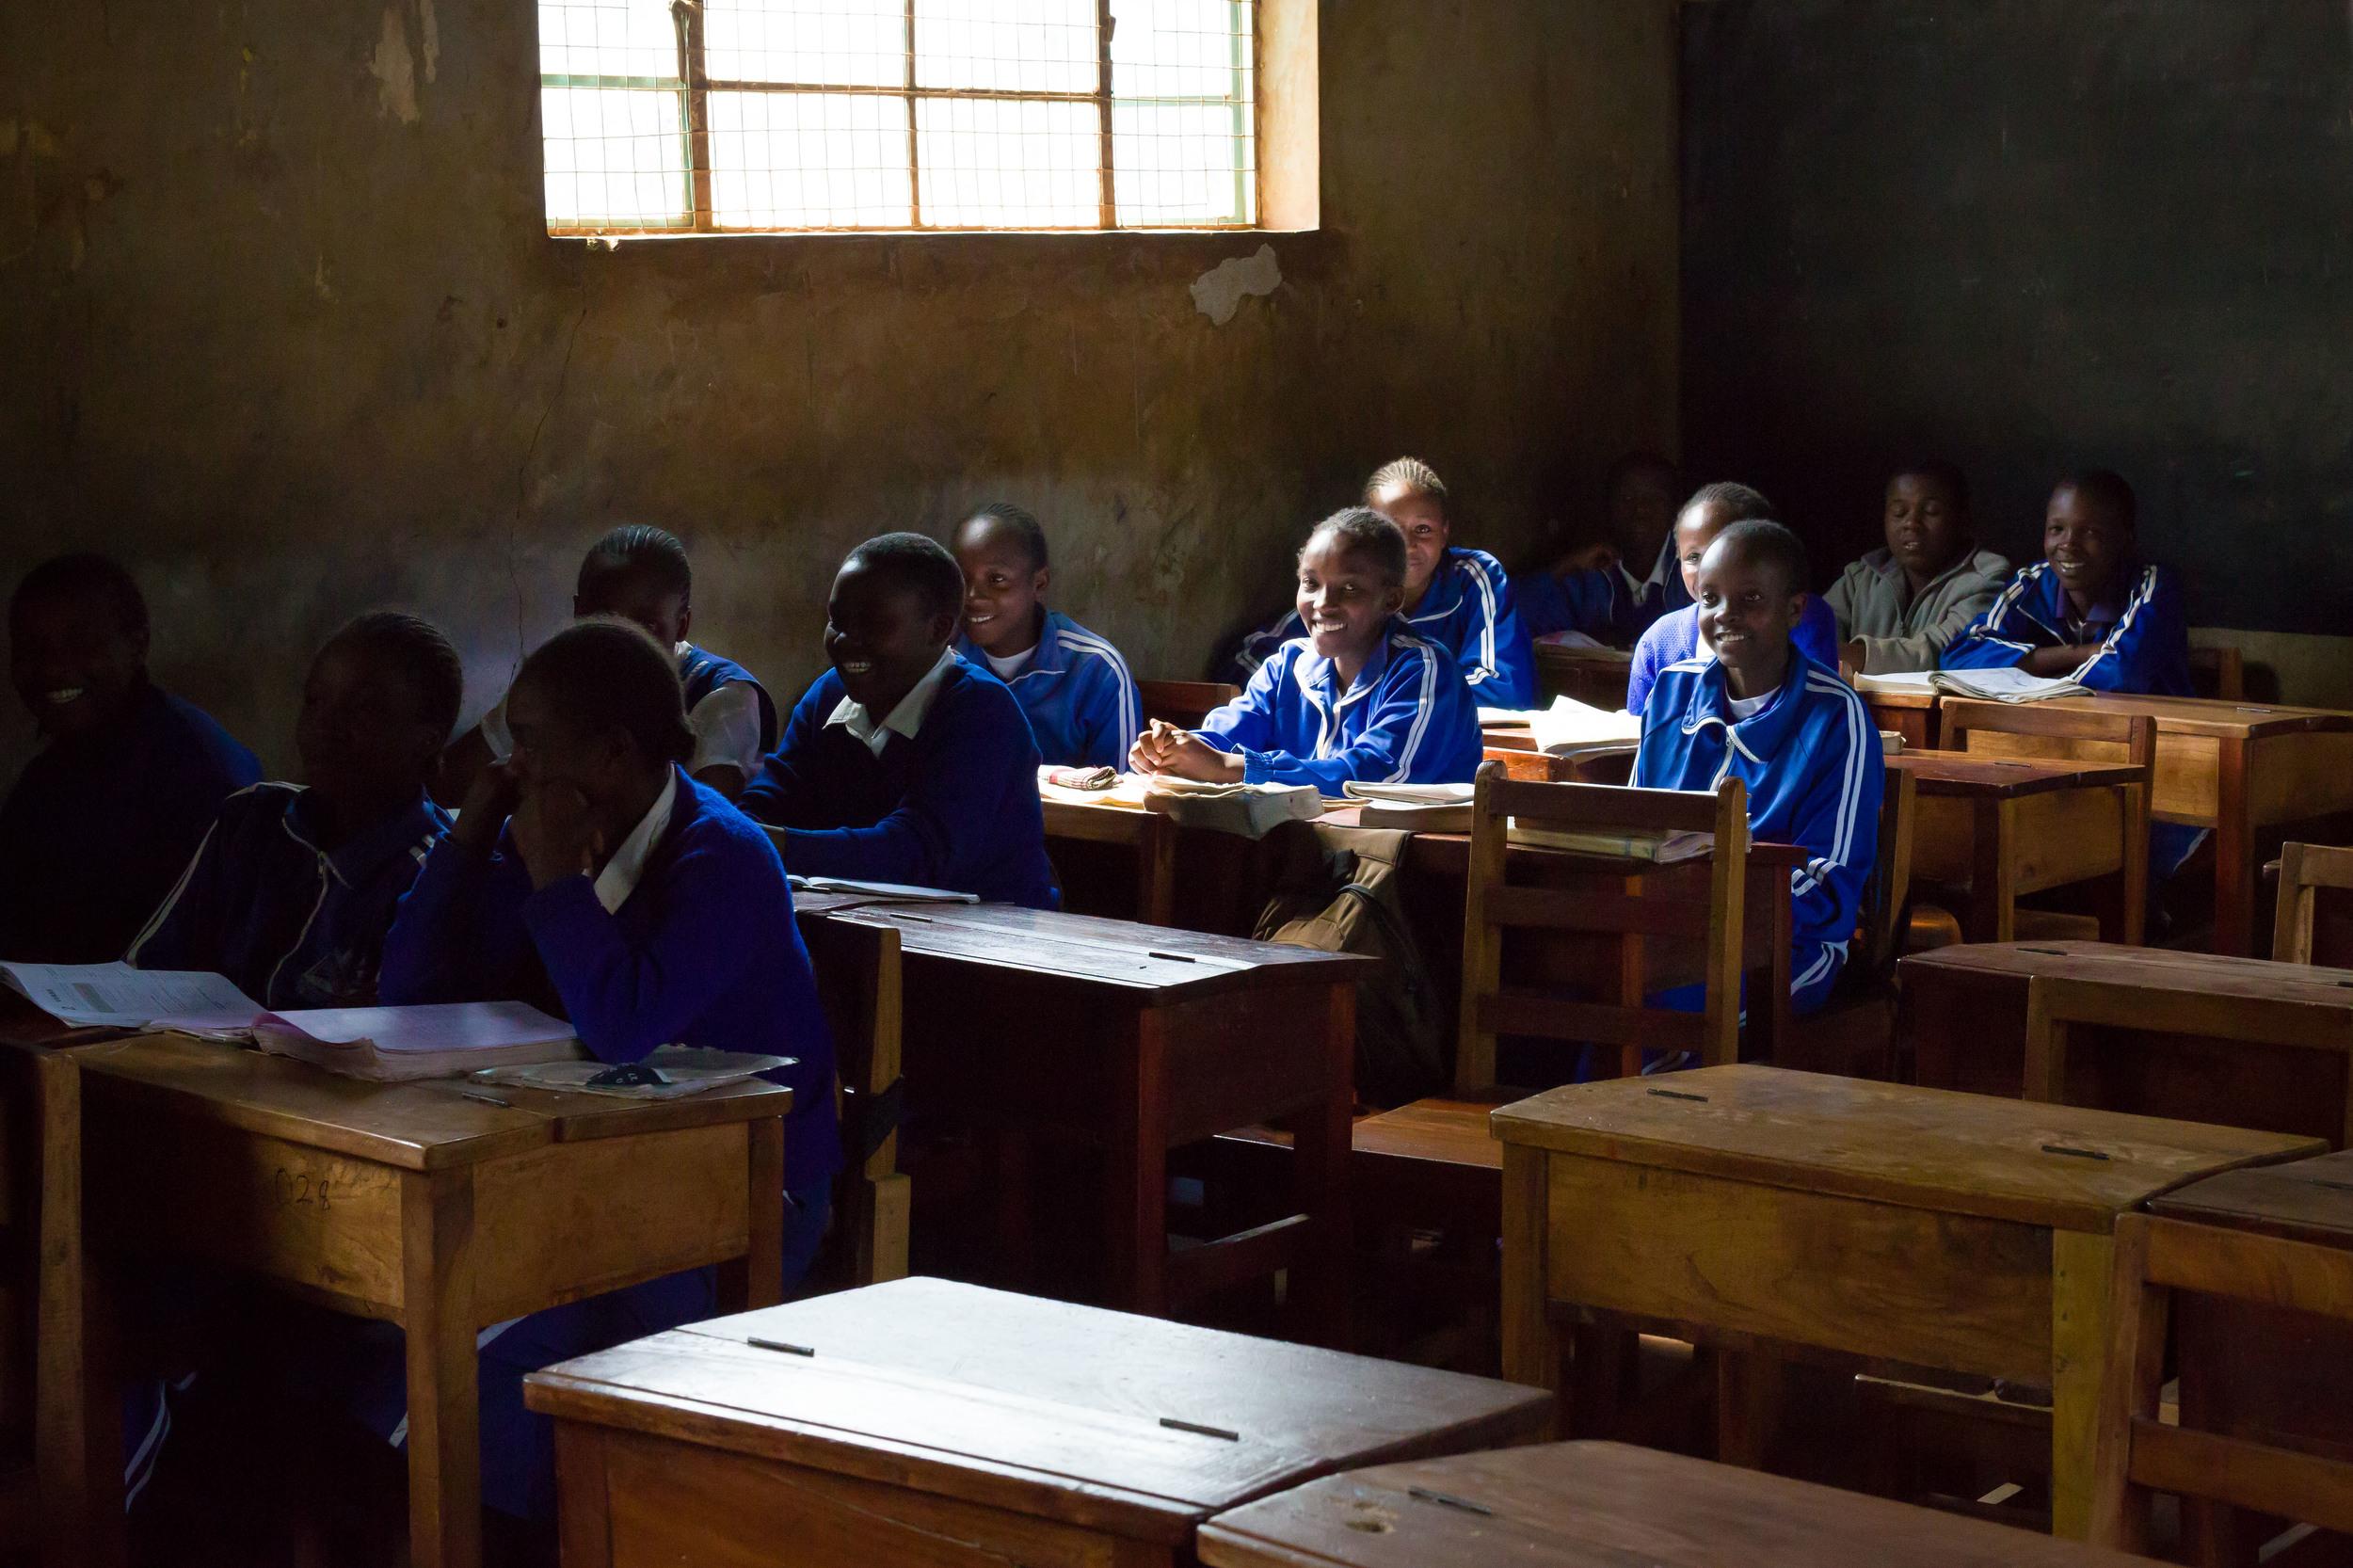 8th Graders, Kiraria Primary, Meru, Kenya